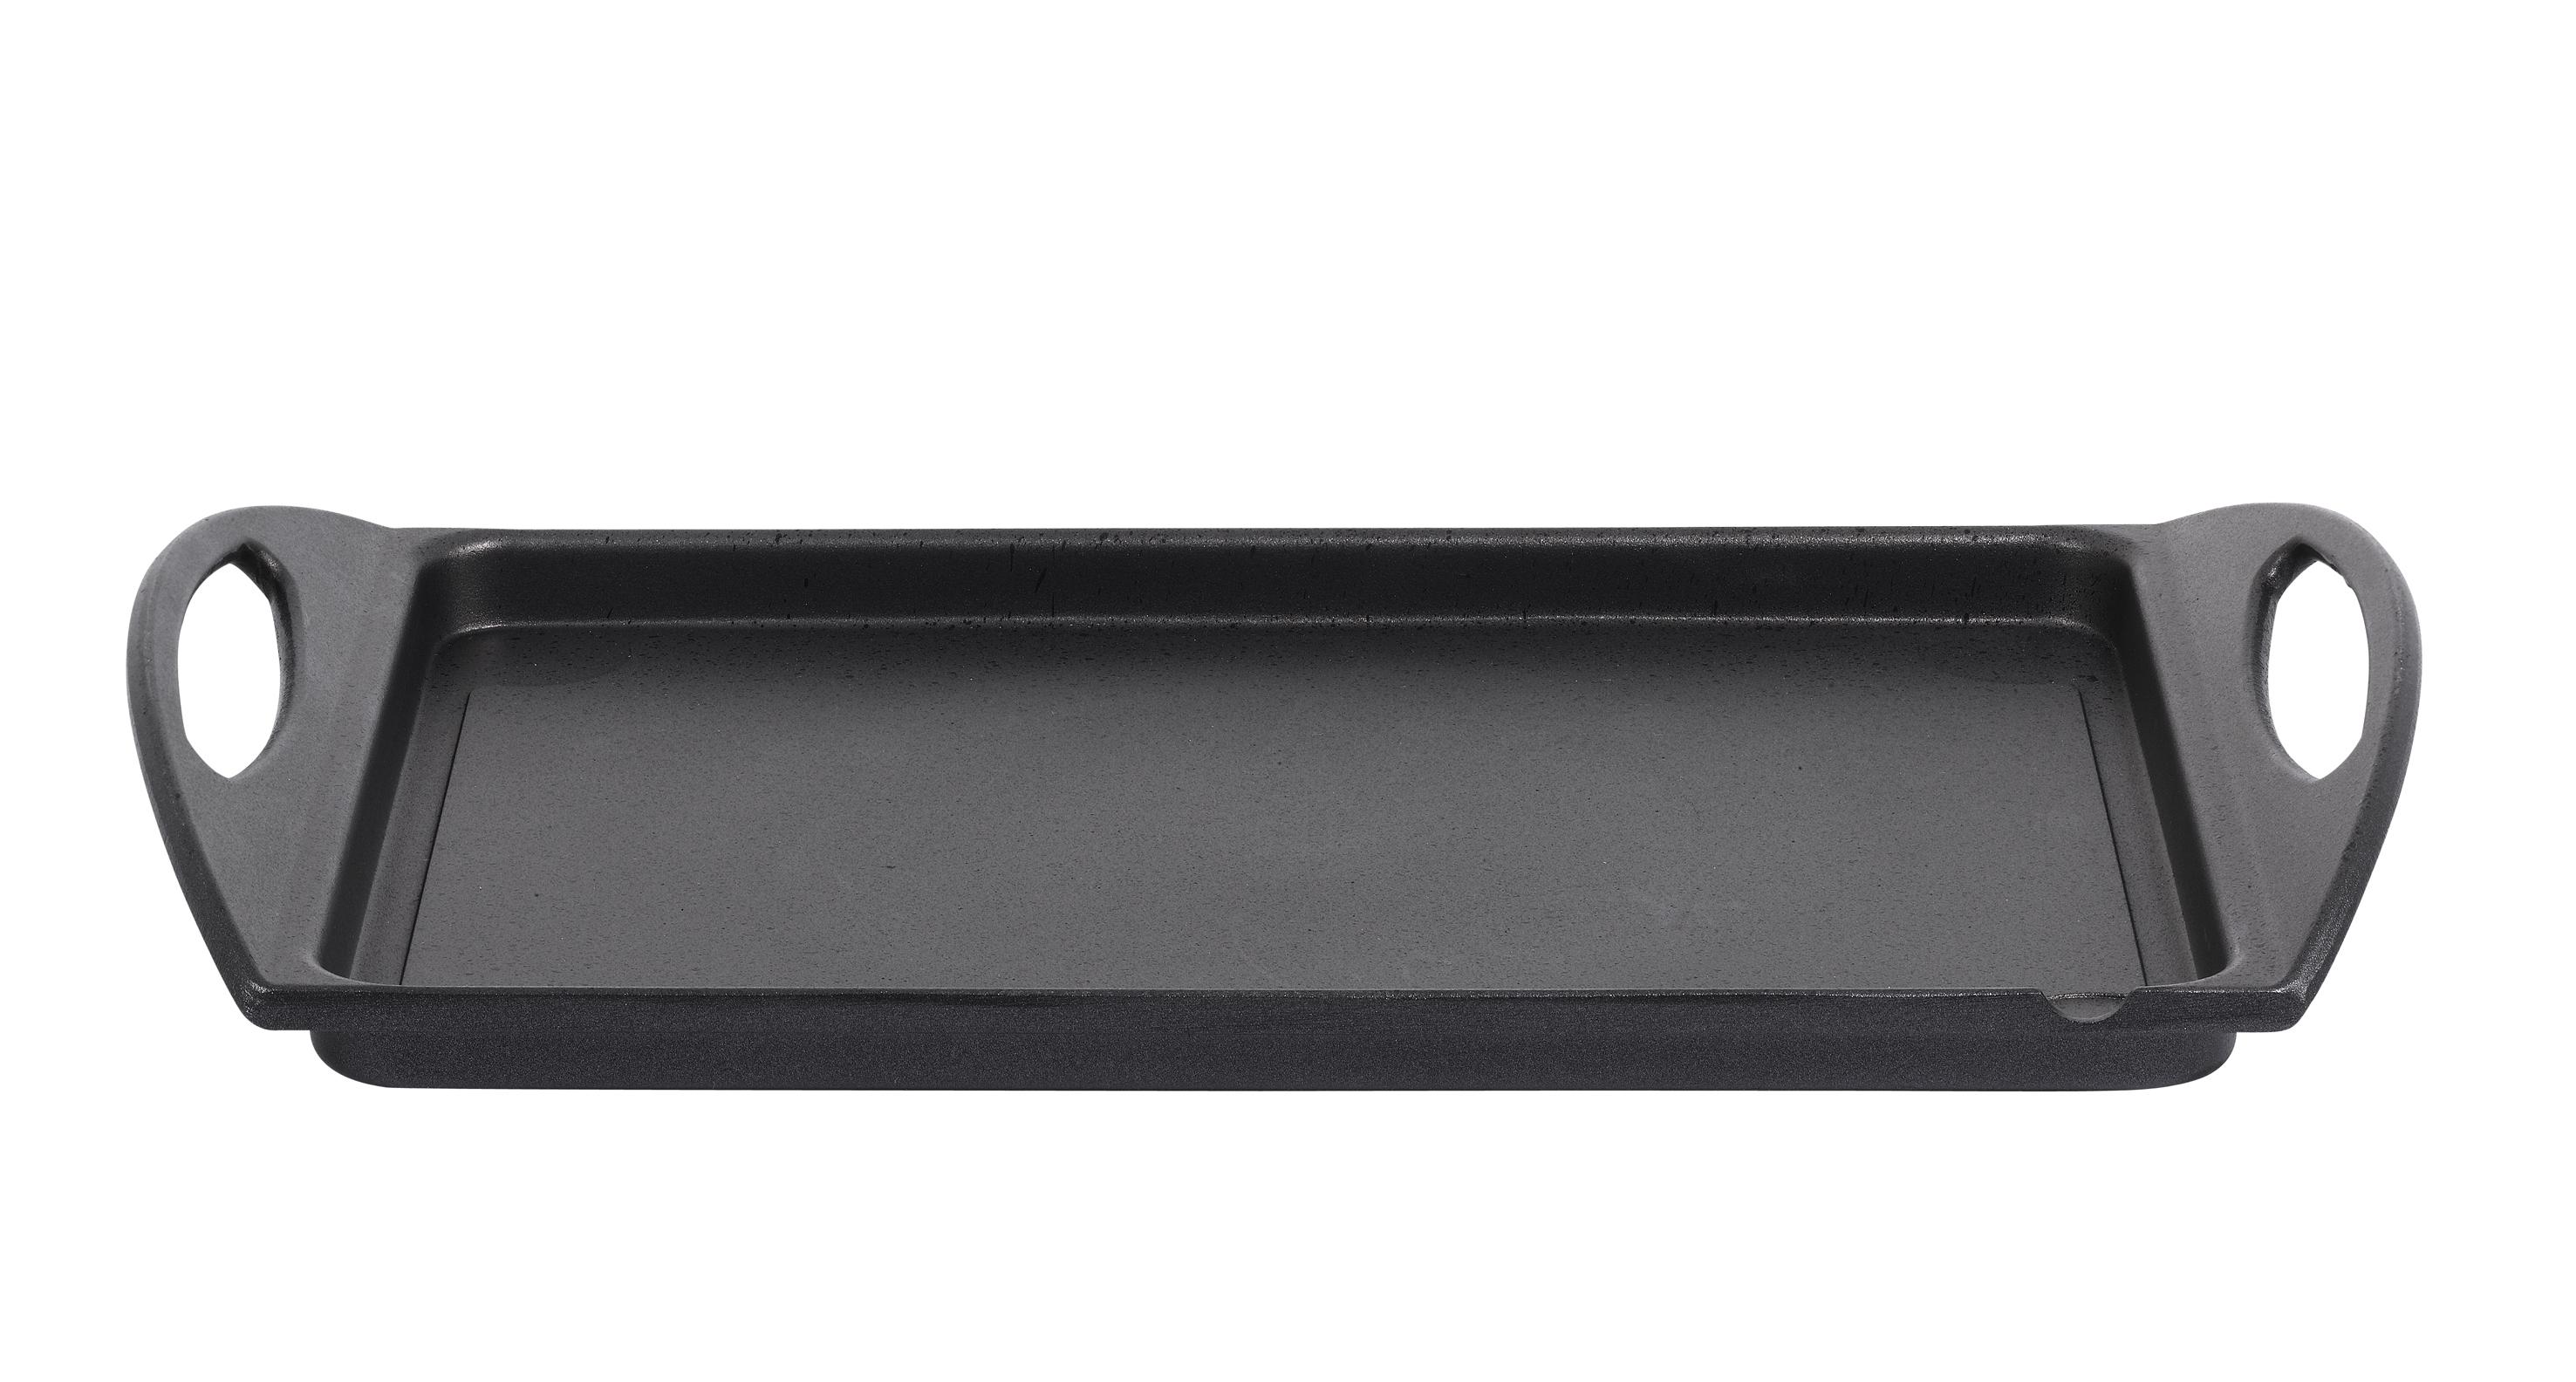 de Buyer Choc Extreme Plancha Platte 25x33 cm m...